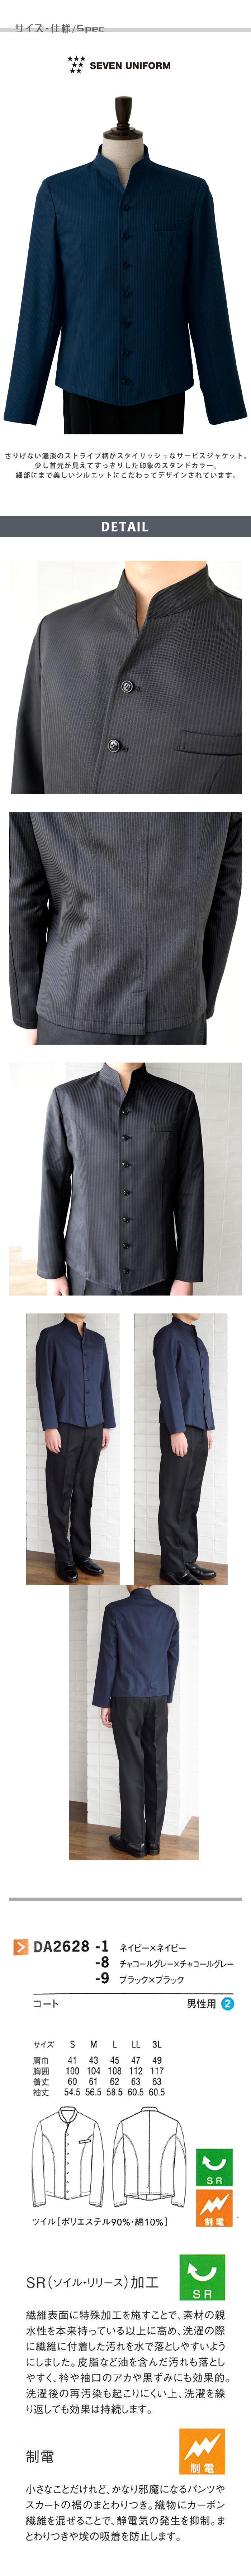 飲食店販売店制服 シンプルでオシャレなストライプ柄。サービスジャケット【3色】男性用